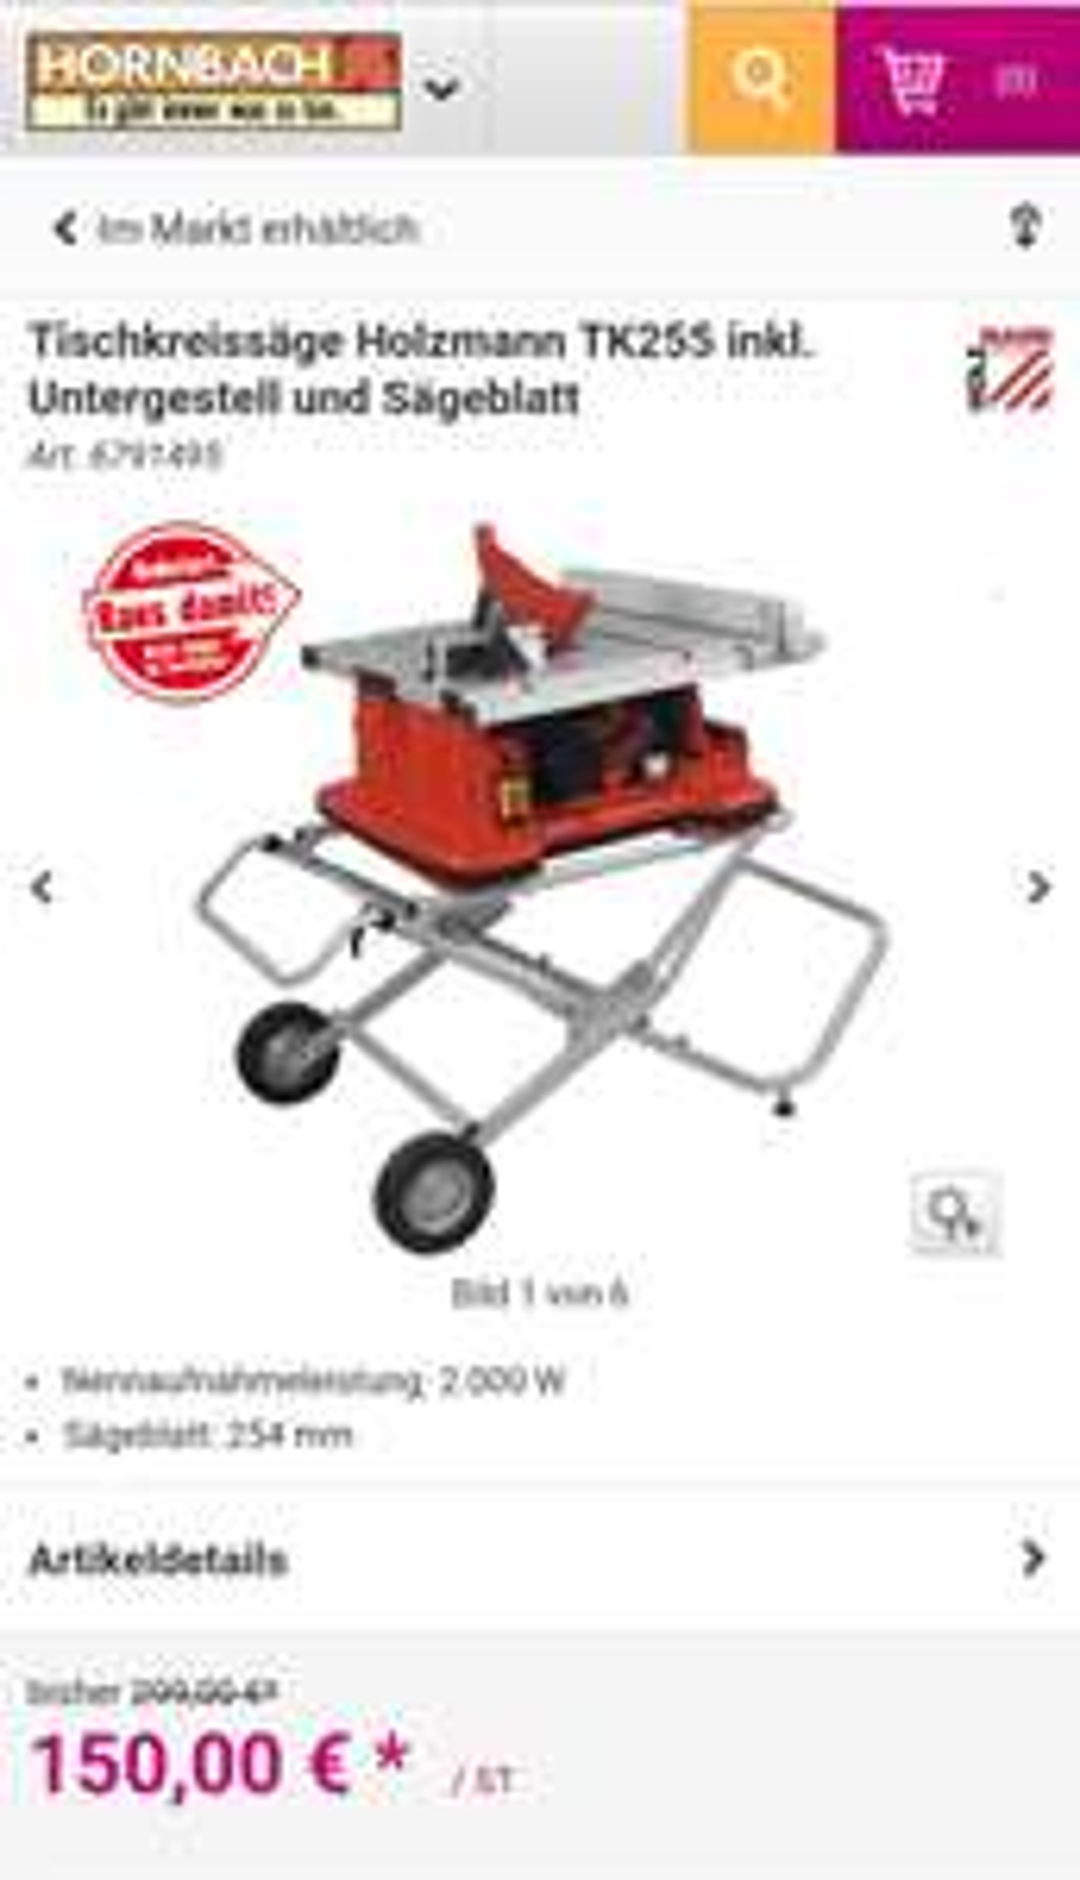 Holzmann TK255 Tischkreissäge mit mobilem Untergestell @hornbach rausdamit lokale Märkte